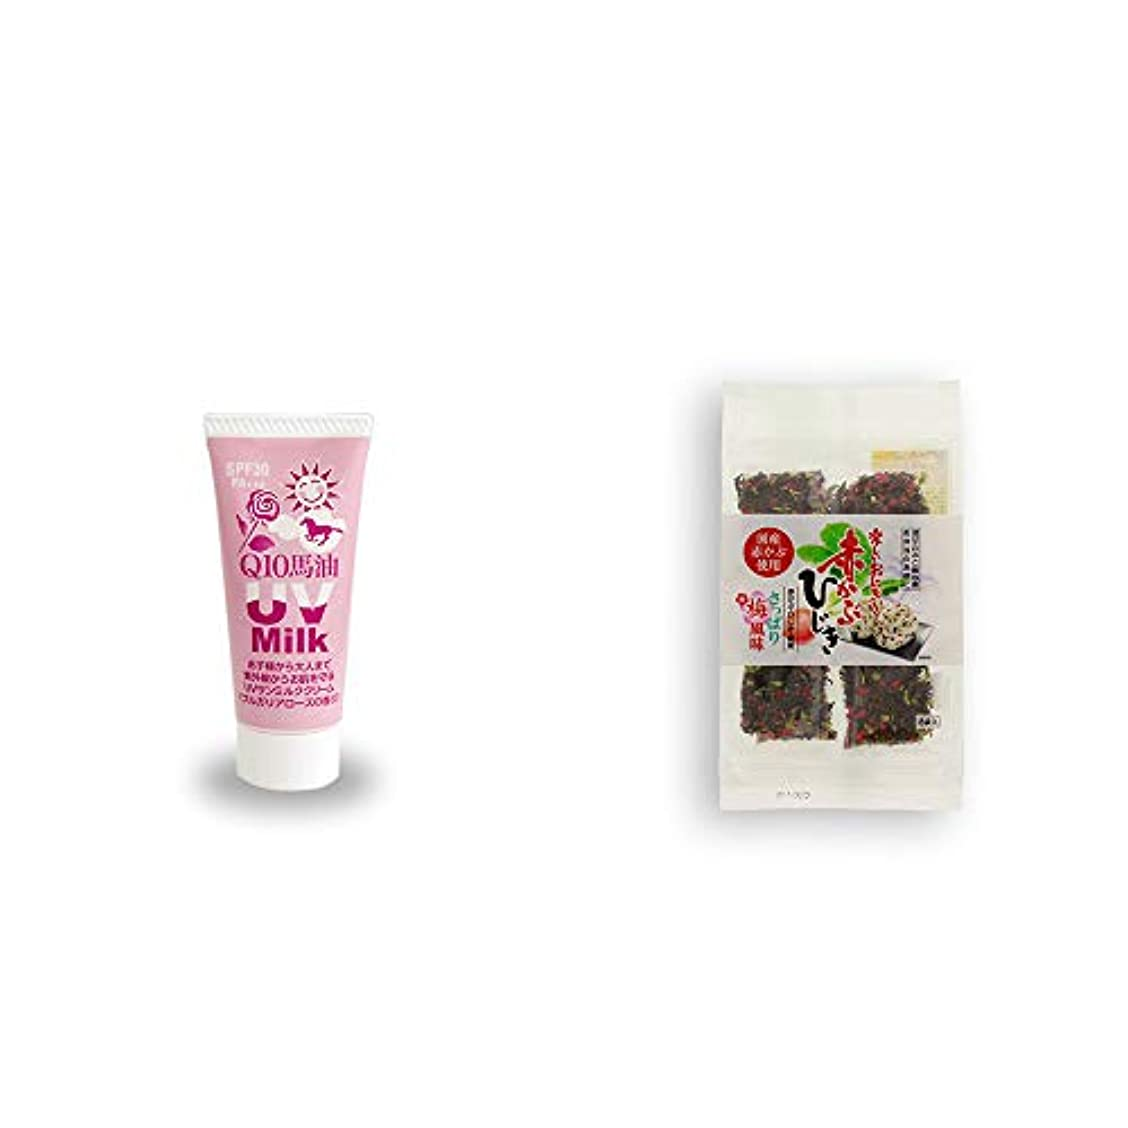 [2点セット] 炭黒泉 Q10馬油 UVサンミルク[ブルガリアローズ](40g)?楽しいおにぎり 赤かぶひじき(8g×8袋)